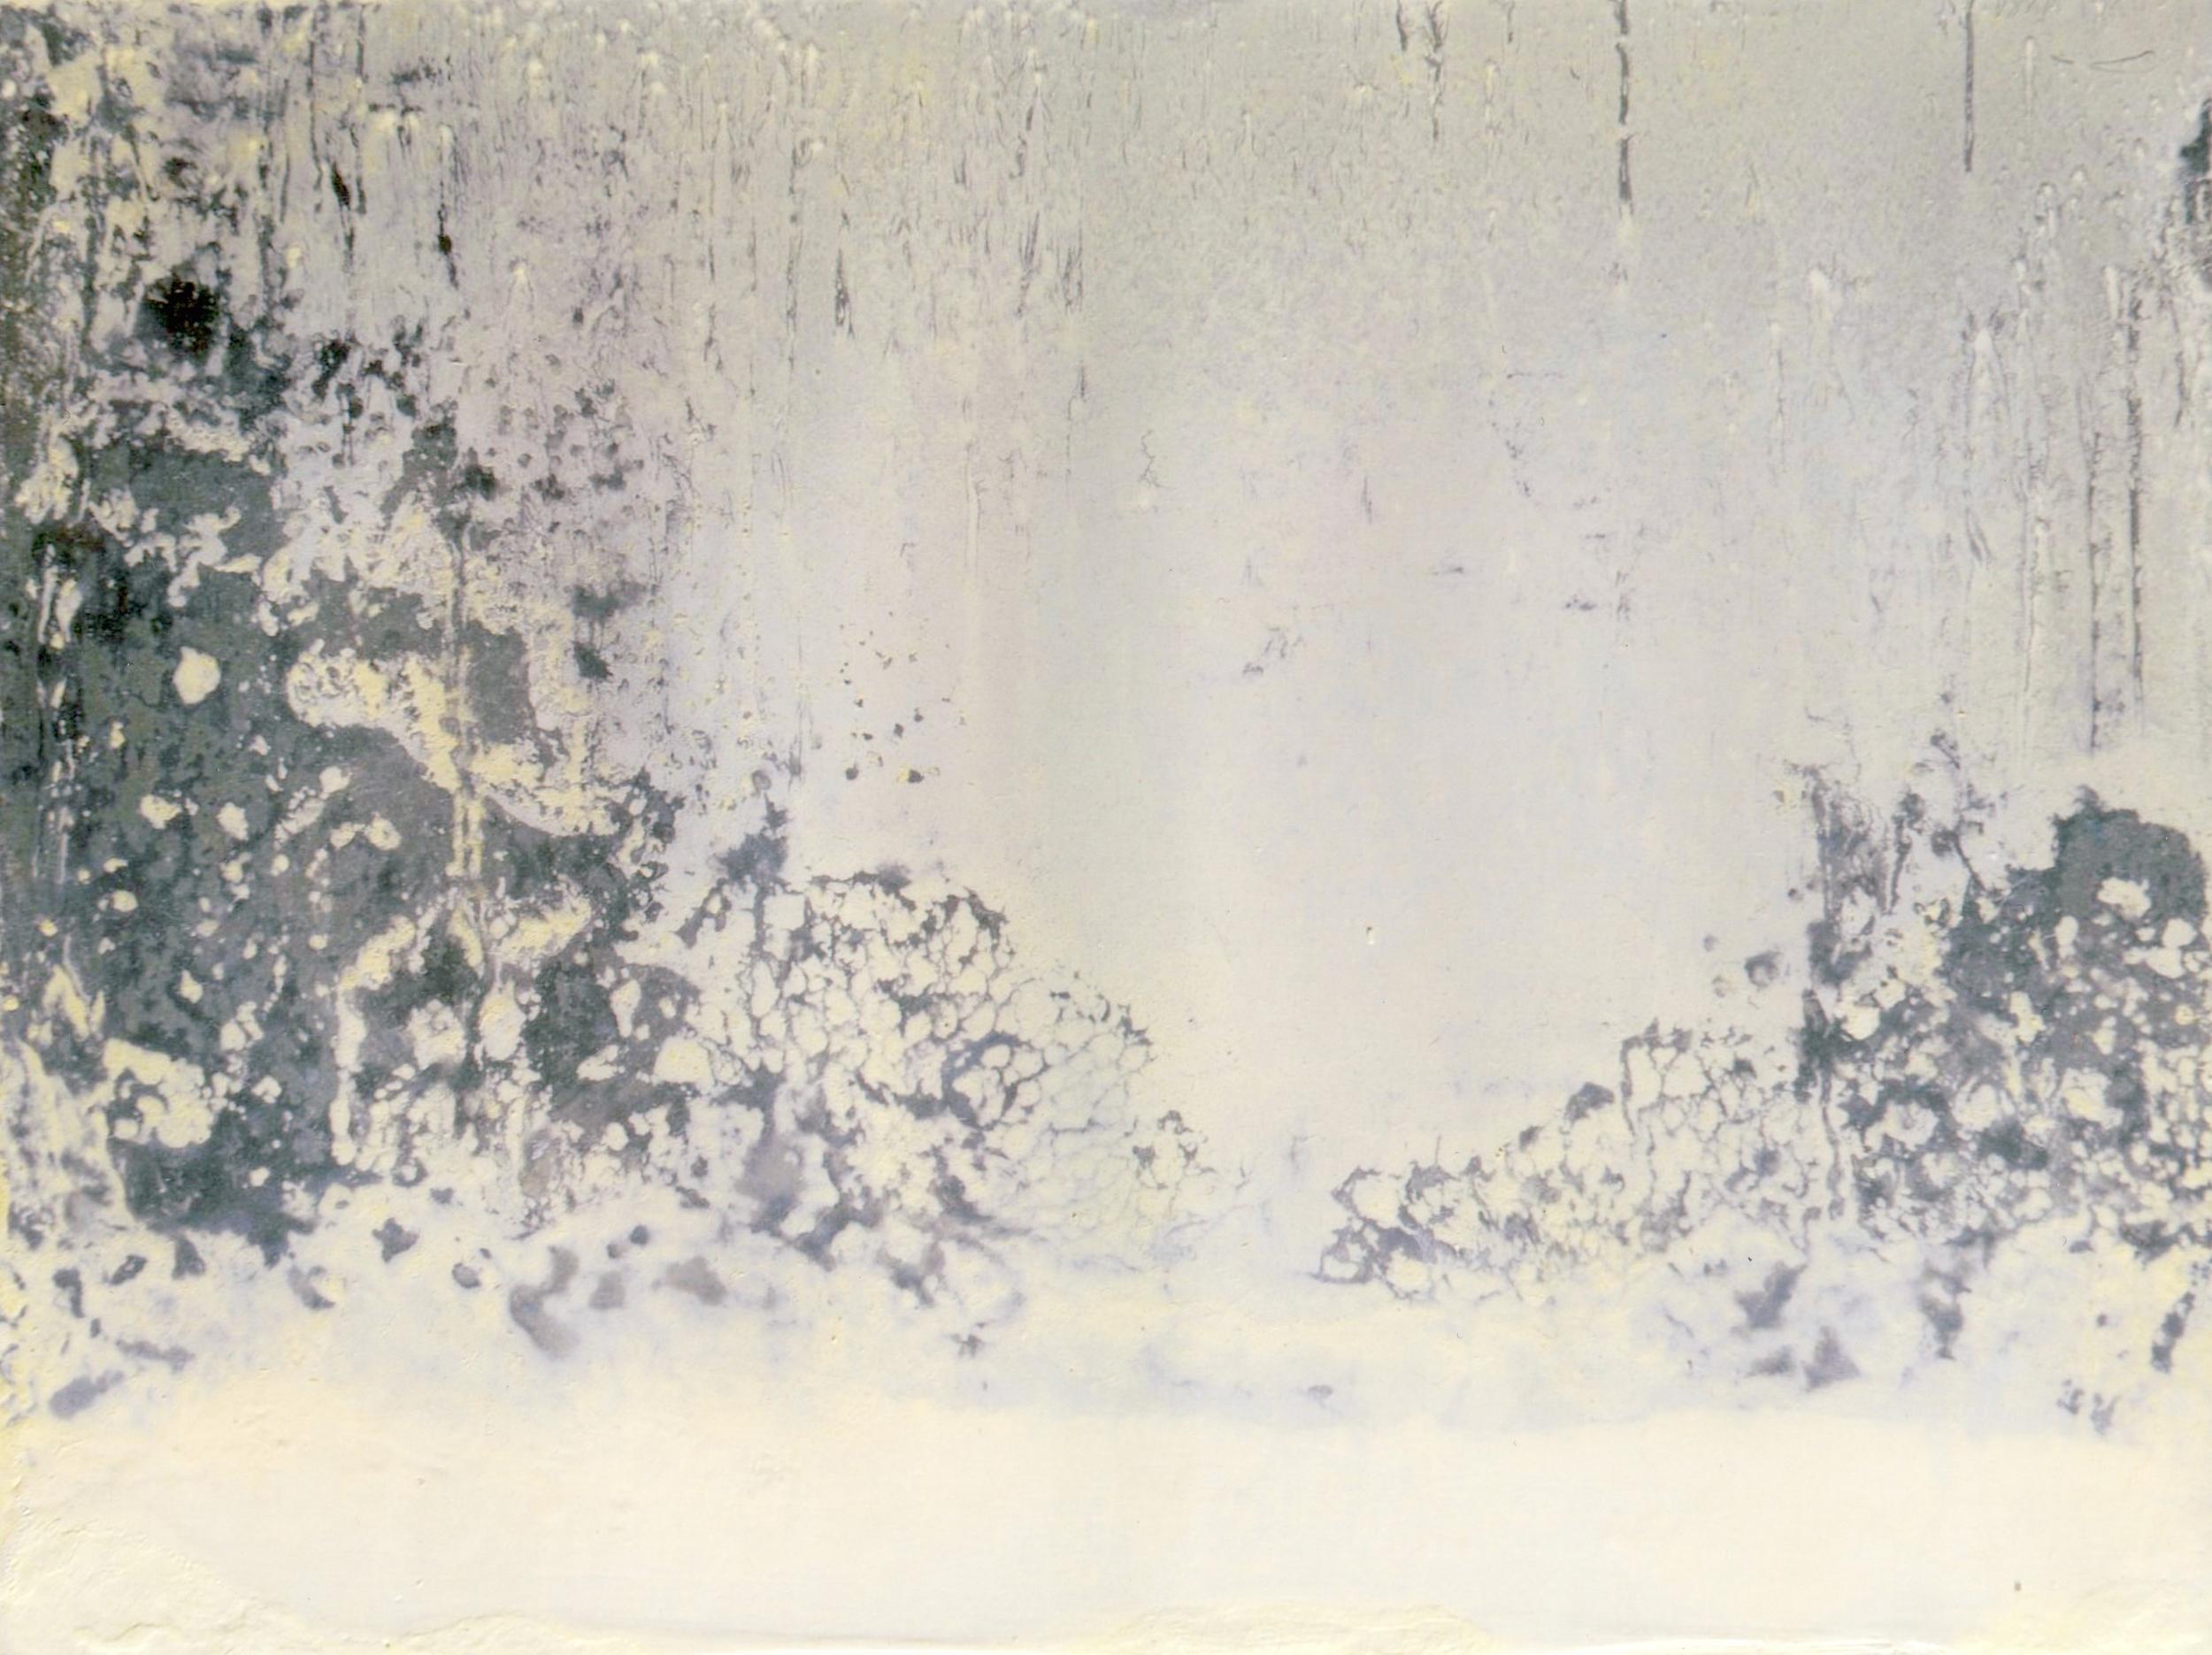 n.4,1980, dalla serie 'Le quattro stagioni', olio su lastra d'alluminio, cm 18x 24  n.4,1980, from the series 'Le quattro stagioni', oil on aluminium plate, cm 18x 24